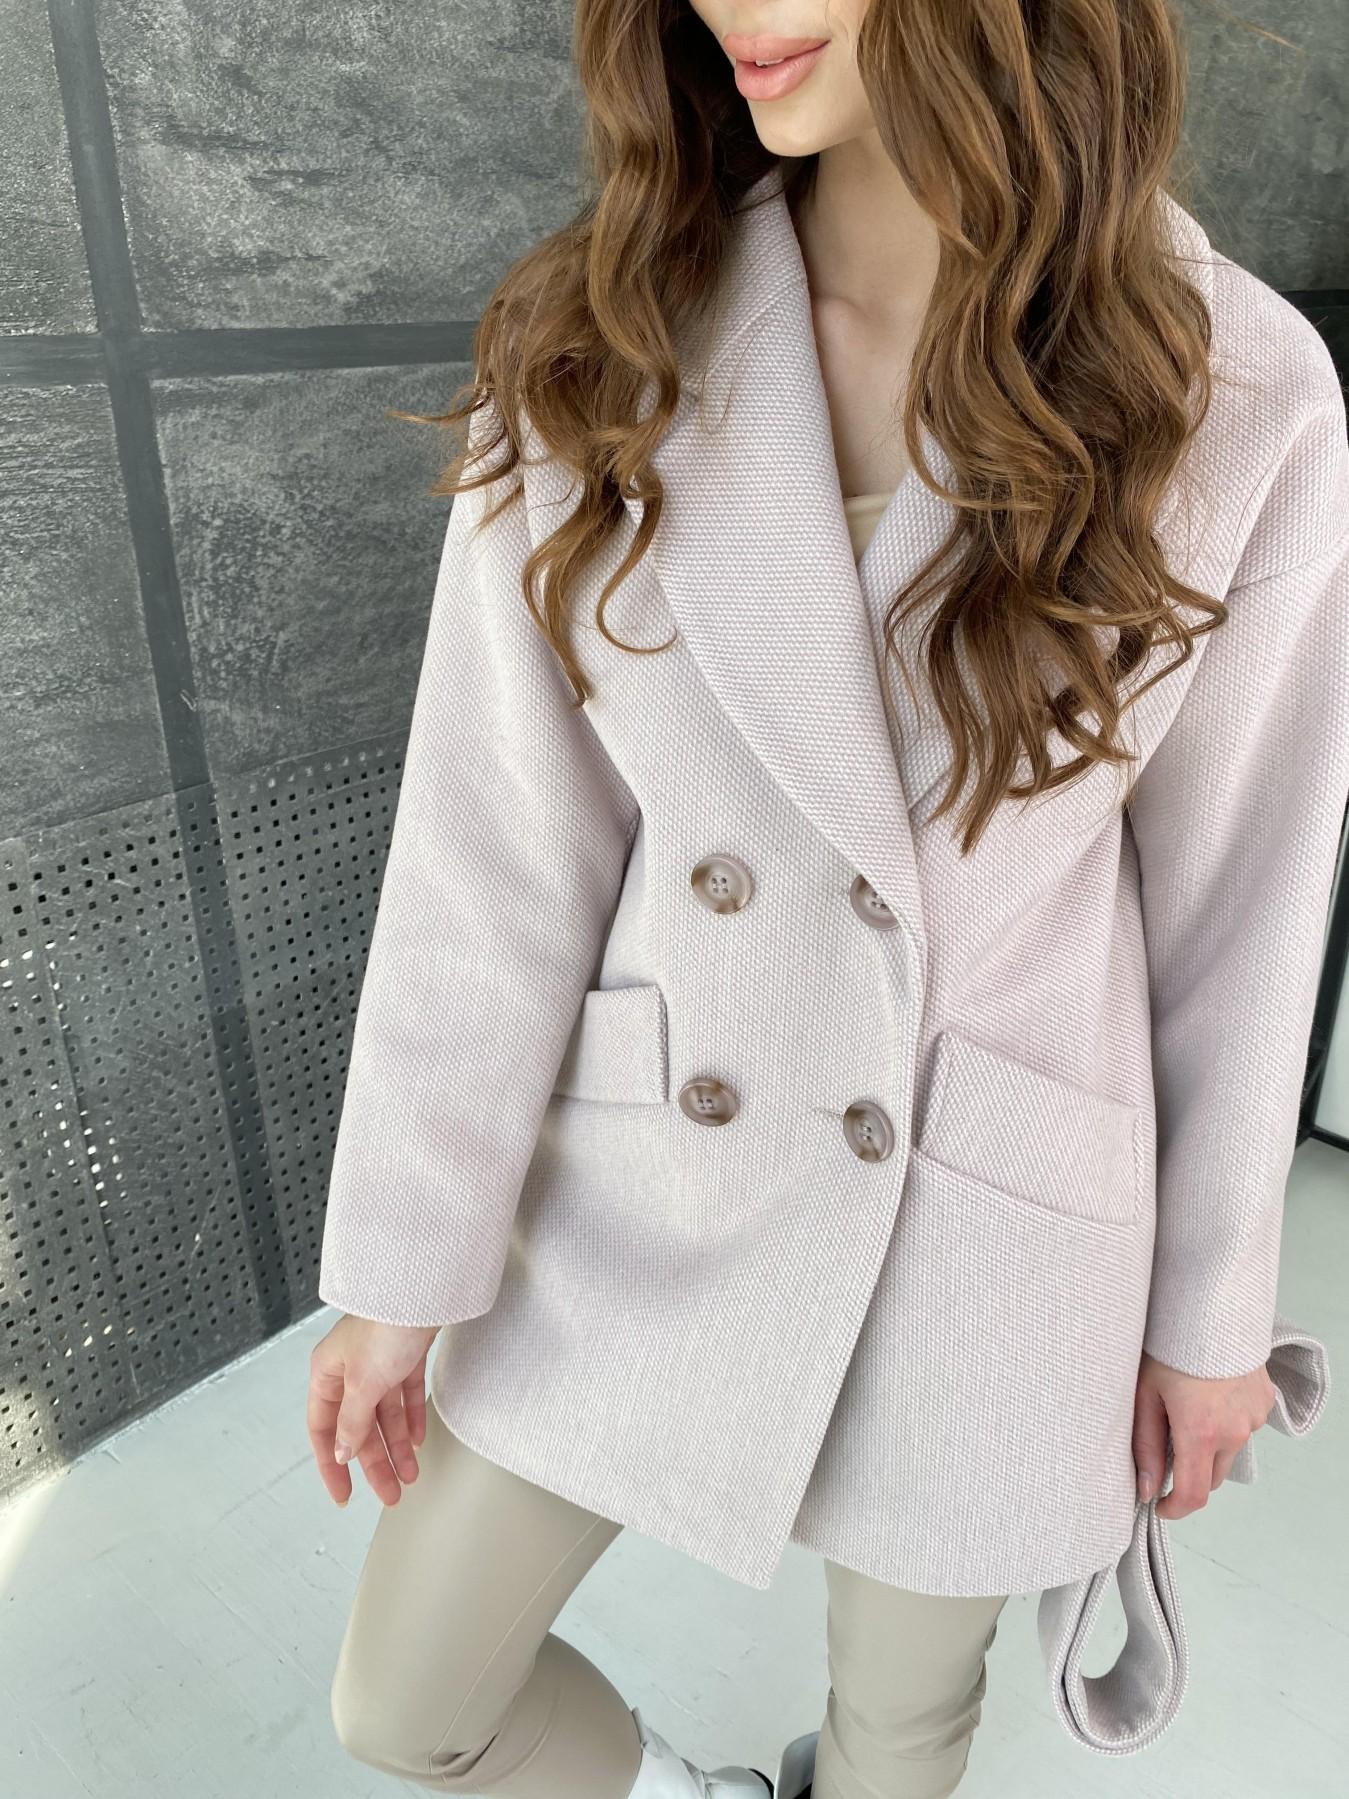 Бонд Флеш пальто из пальтовой ткани 10768 АРТ. 47195 Цвет: Пудра - фото 4, интернет магазин tm-modus.ru